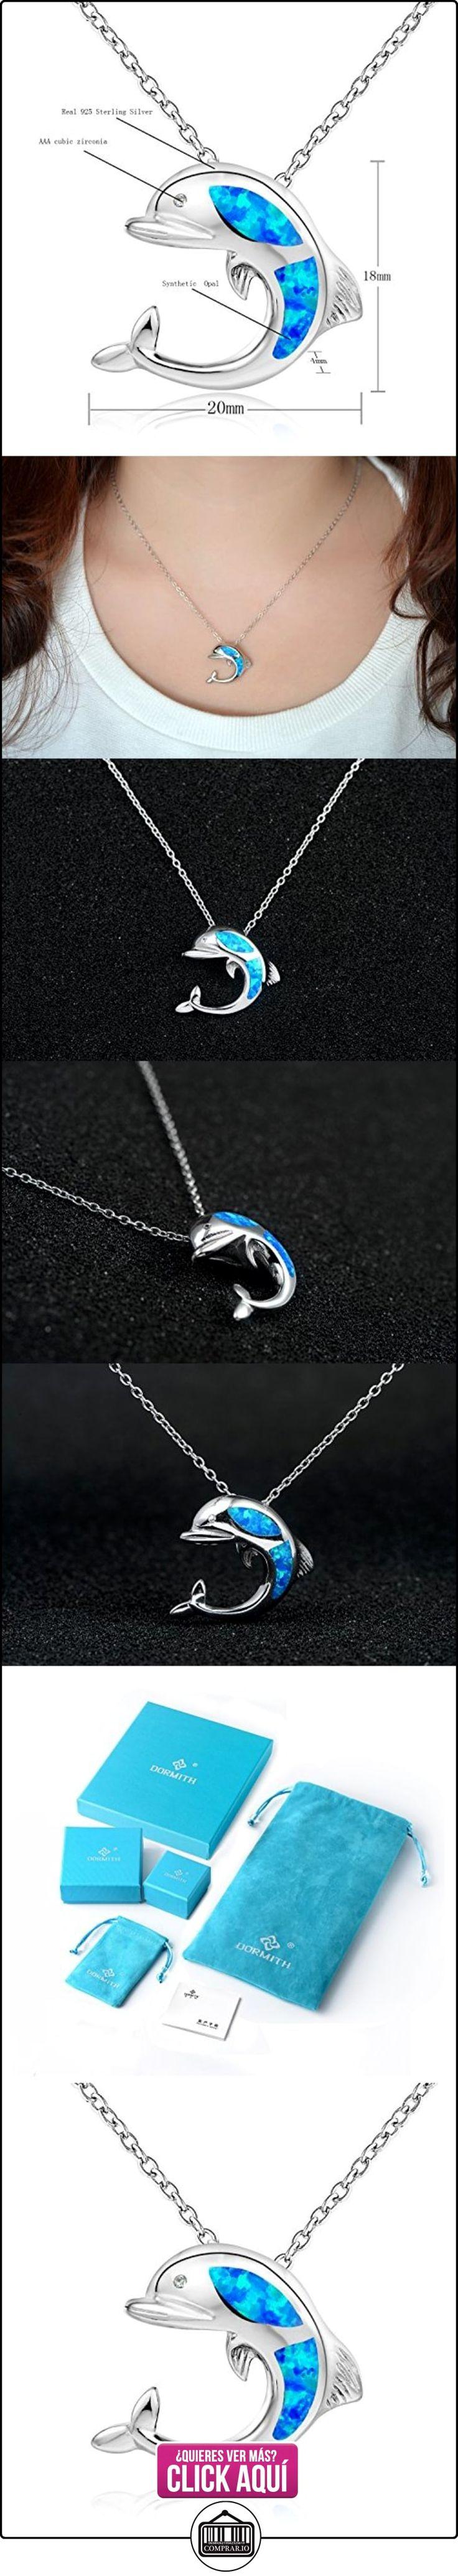 Dormith® Plata de ley 925 Ópalo azul sintético collares para las mujeres Delfín colgante de collar rodio moda joyas  ✿ Joyas para mujer - Las mejores ofertas ✿ ▬► Ver oferta: http://comprar.io/goto/B00SSY83C2